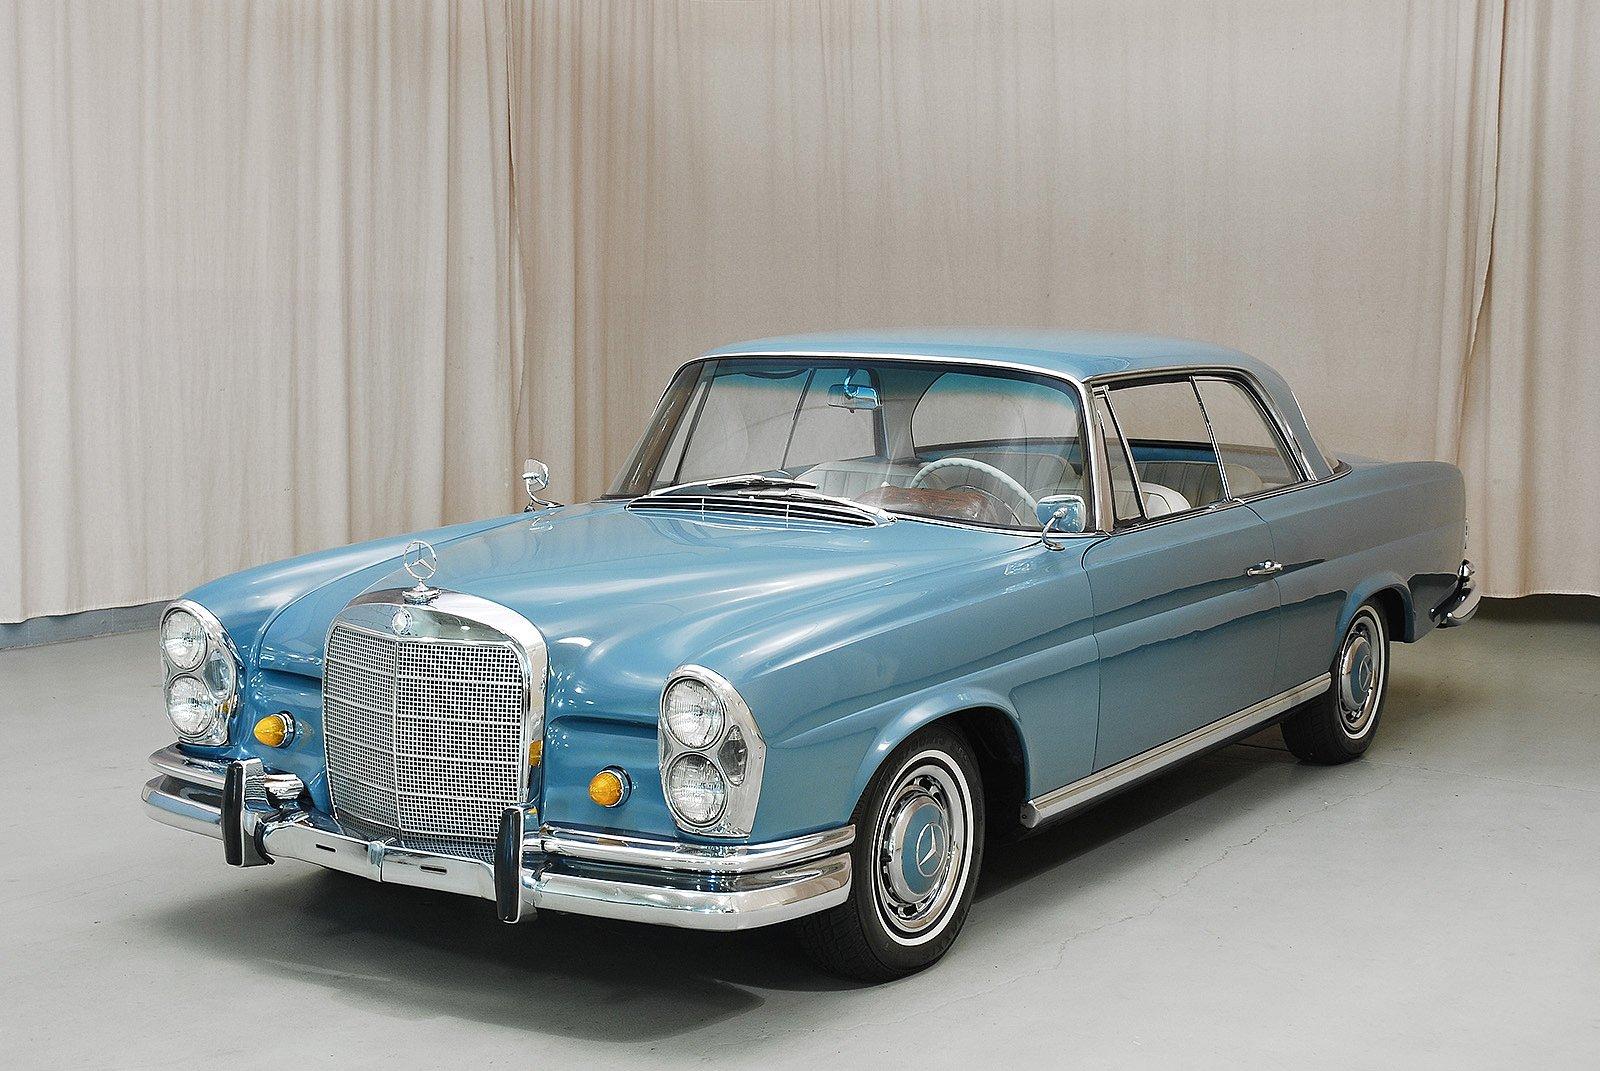 1965 mercedes benz 220se coupe. Black Bedroom Furniture Sets. Home Design Ideas